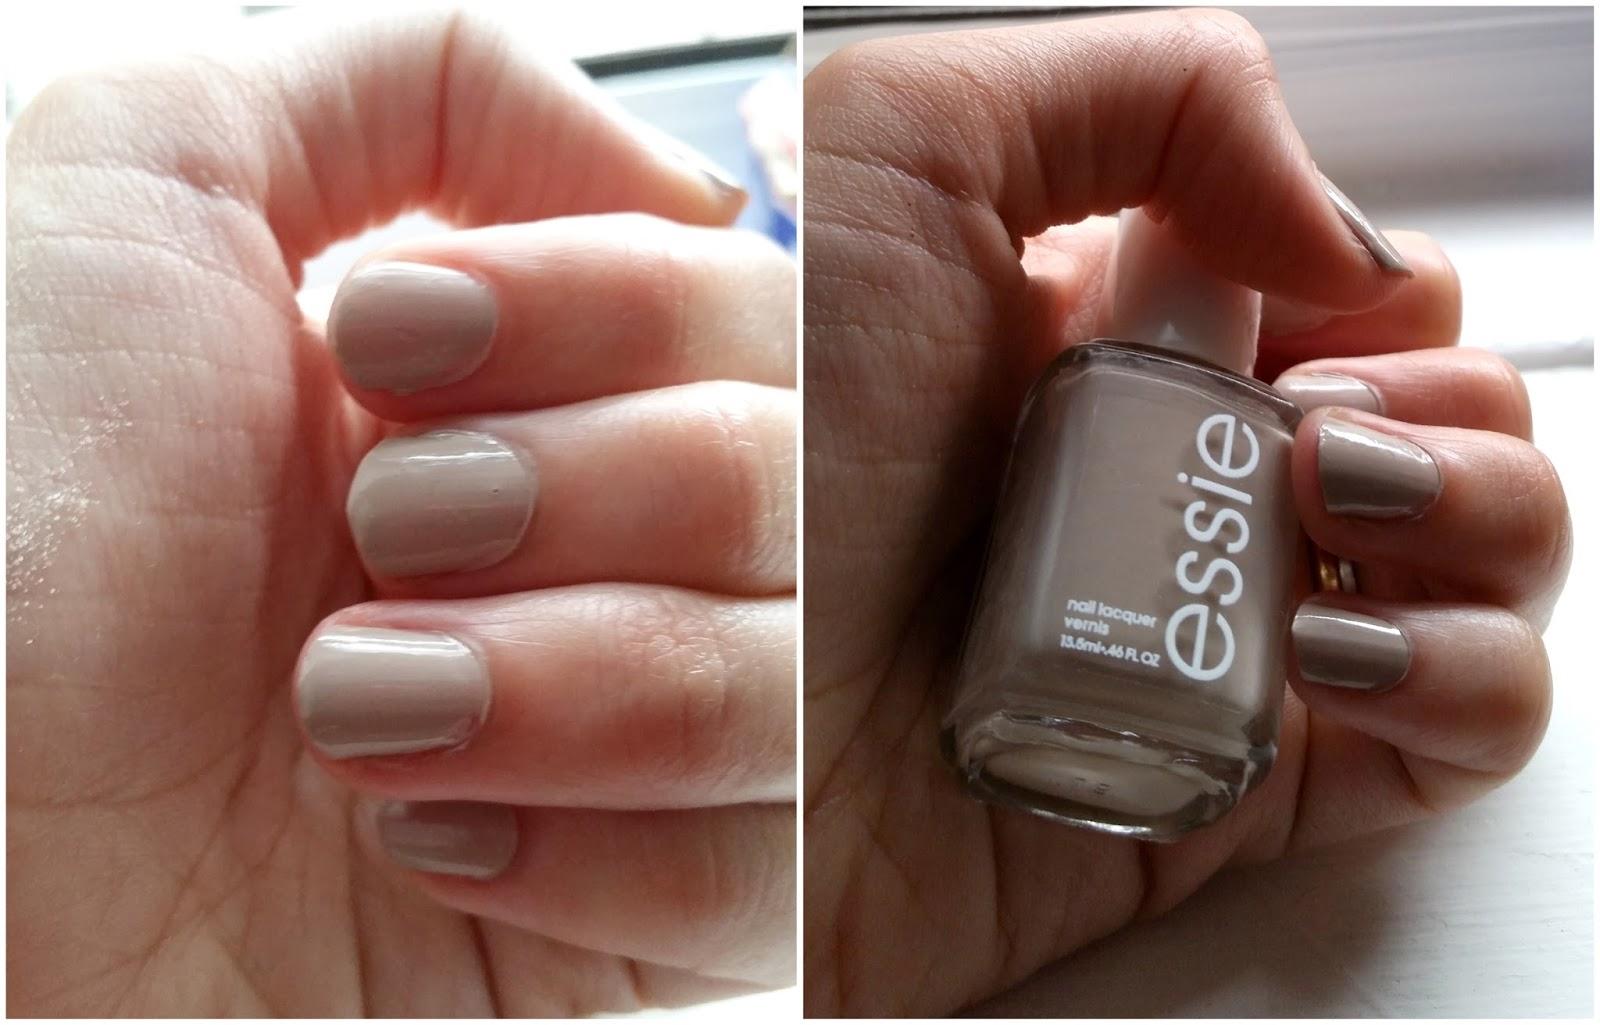 neglelak essie sand tropez nailpolish nail polish beige